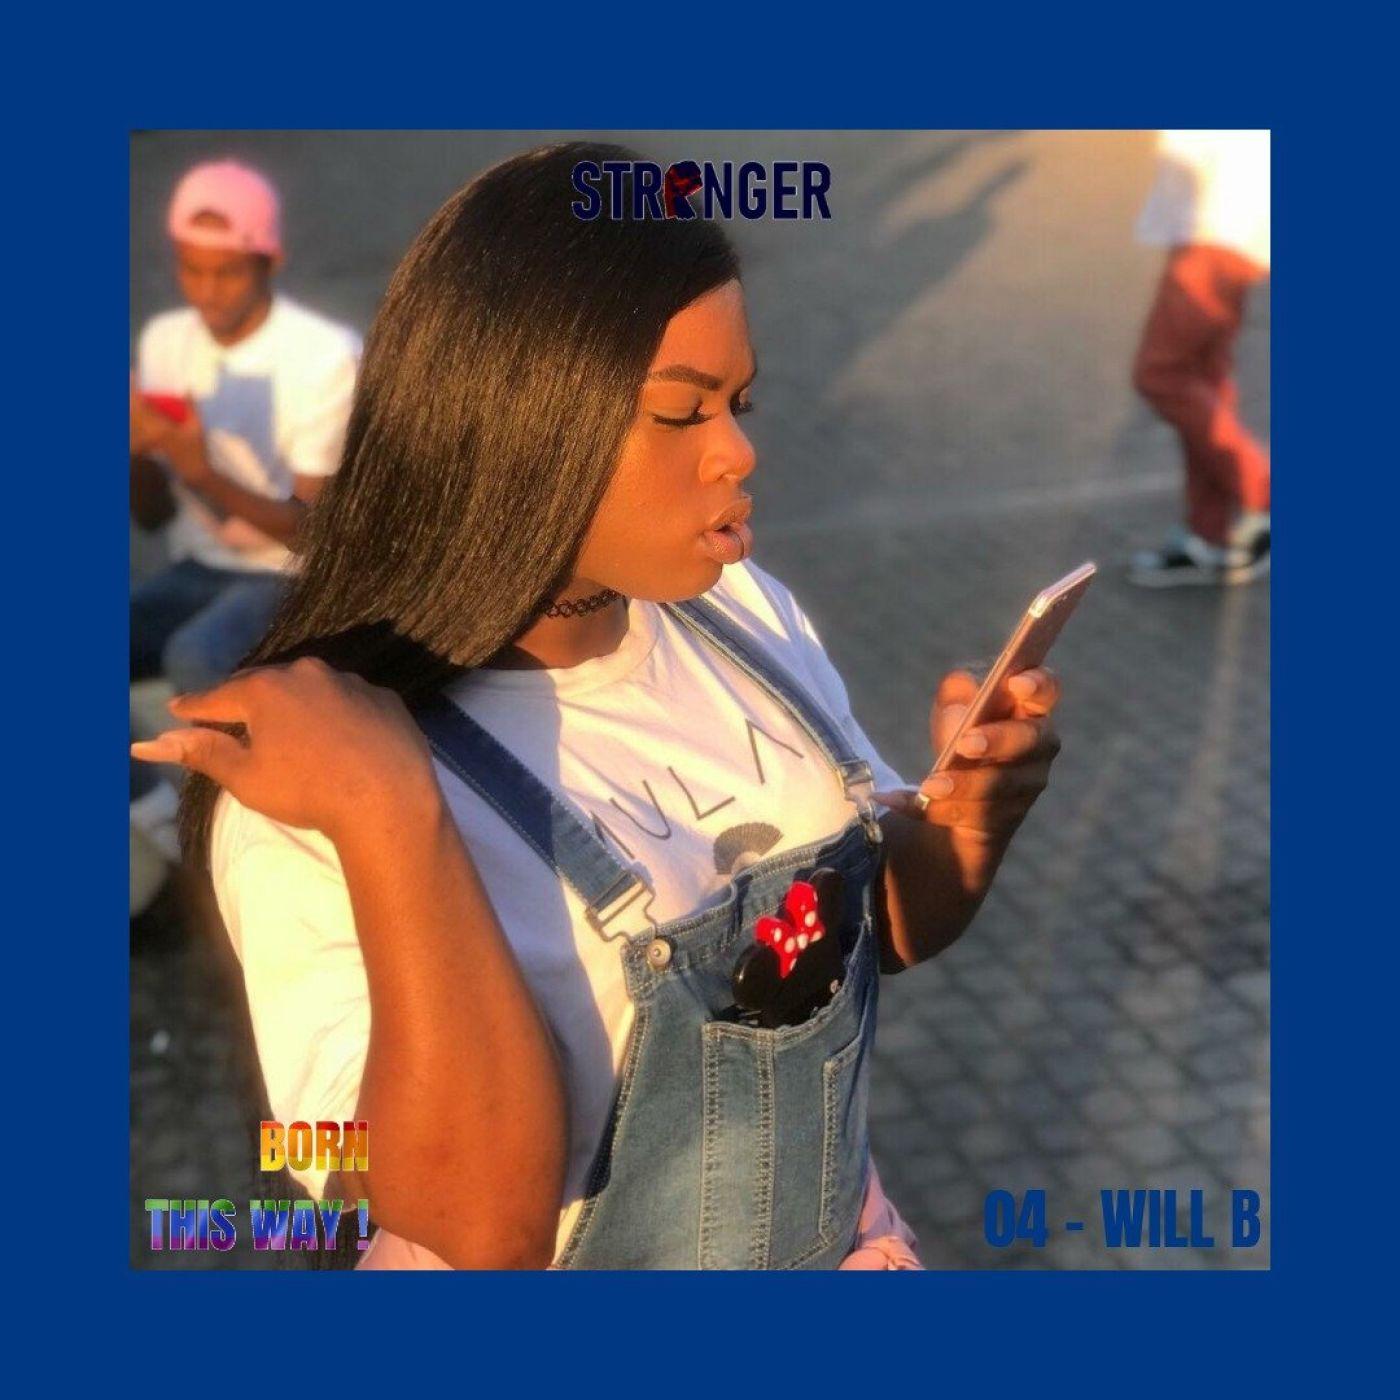 04 - [BTW] WILL B : A WOMAN